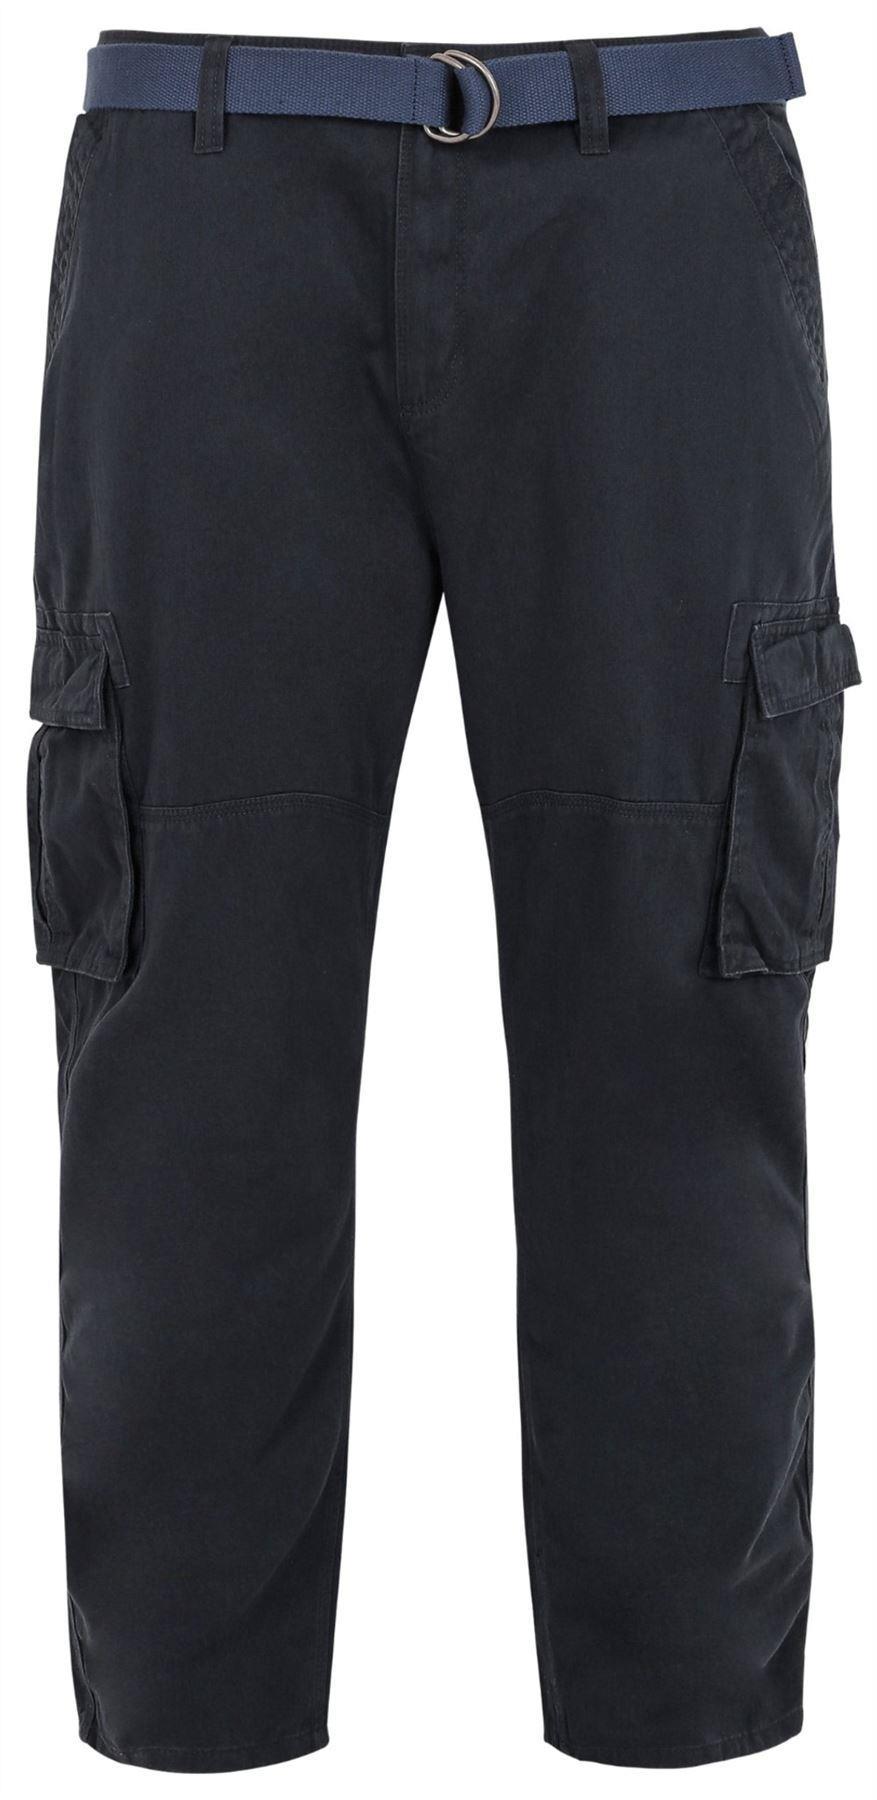 Bad Rhino Cargo Trousers - Navy|46W32L